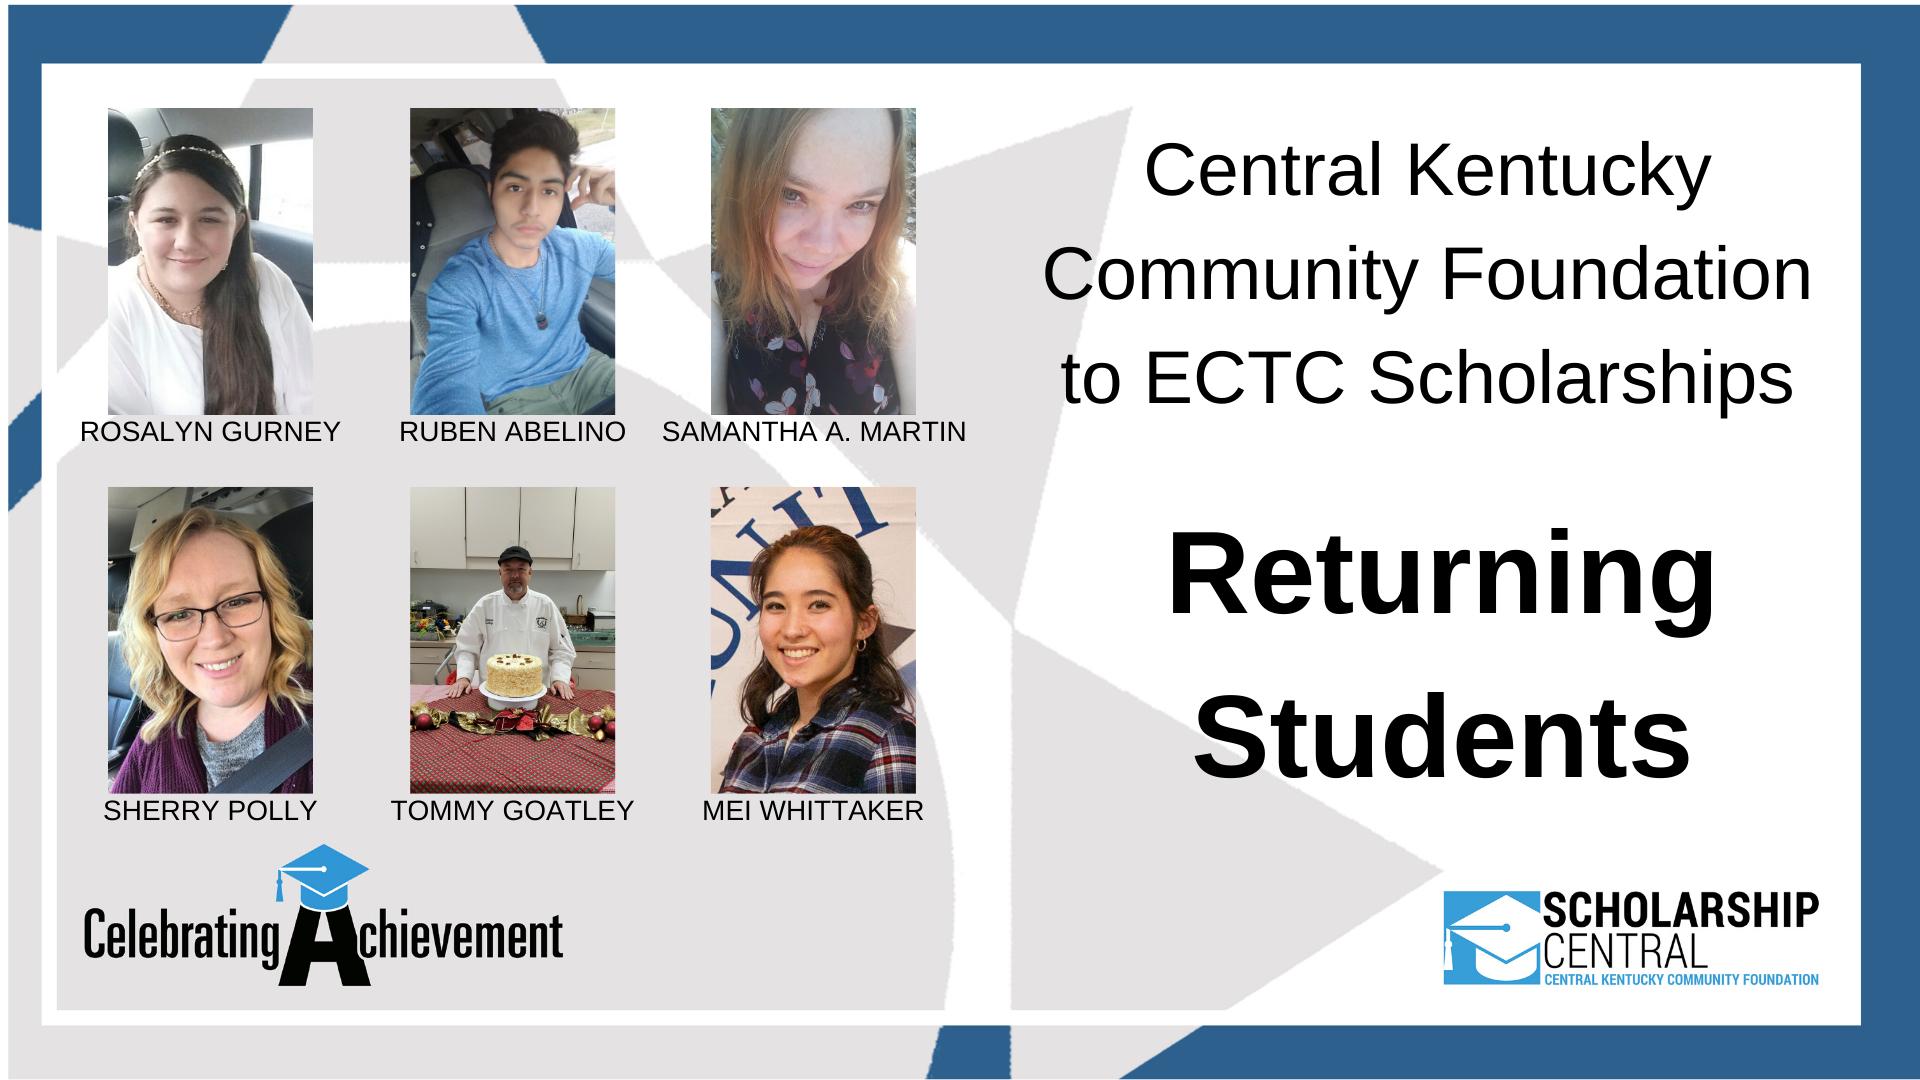 ECTC Returning Scholarship5 REVISED